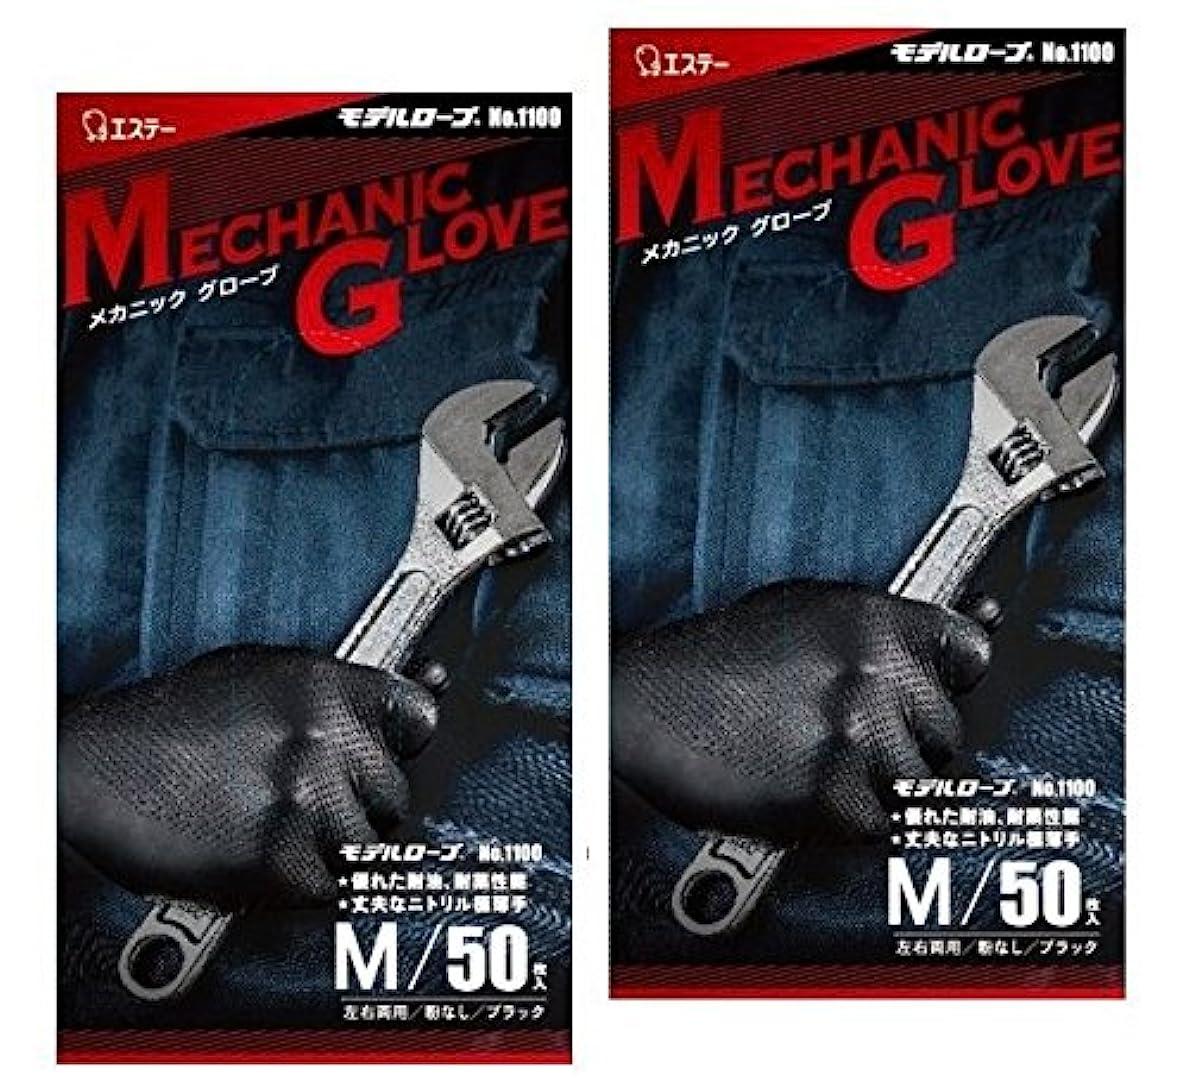 ワードローブ信者オーバーラン【2箱組】モデルローブ No.1100 メカニックグローブ Mサイズ ブラック 50枚